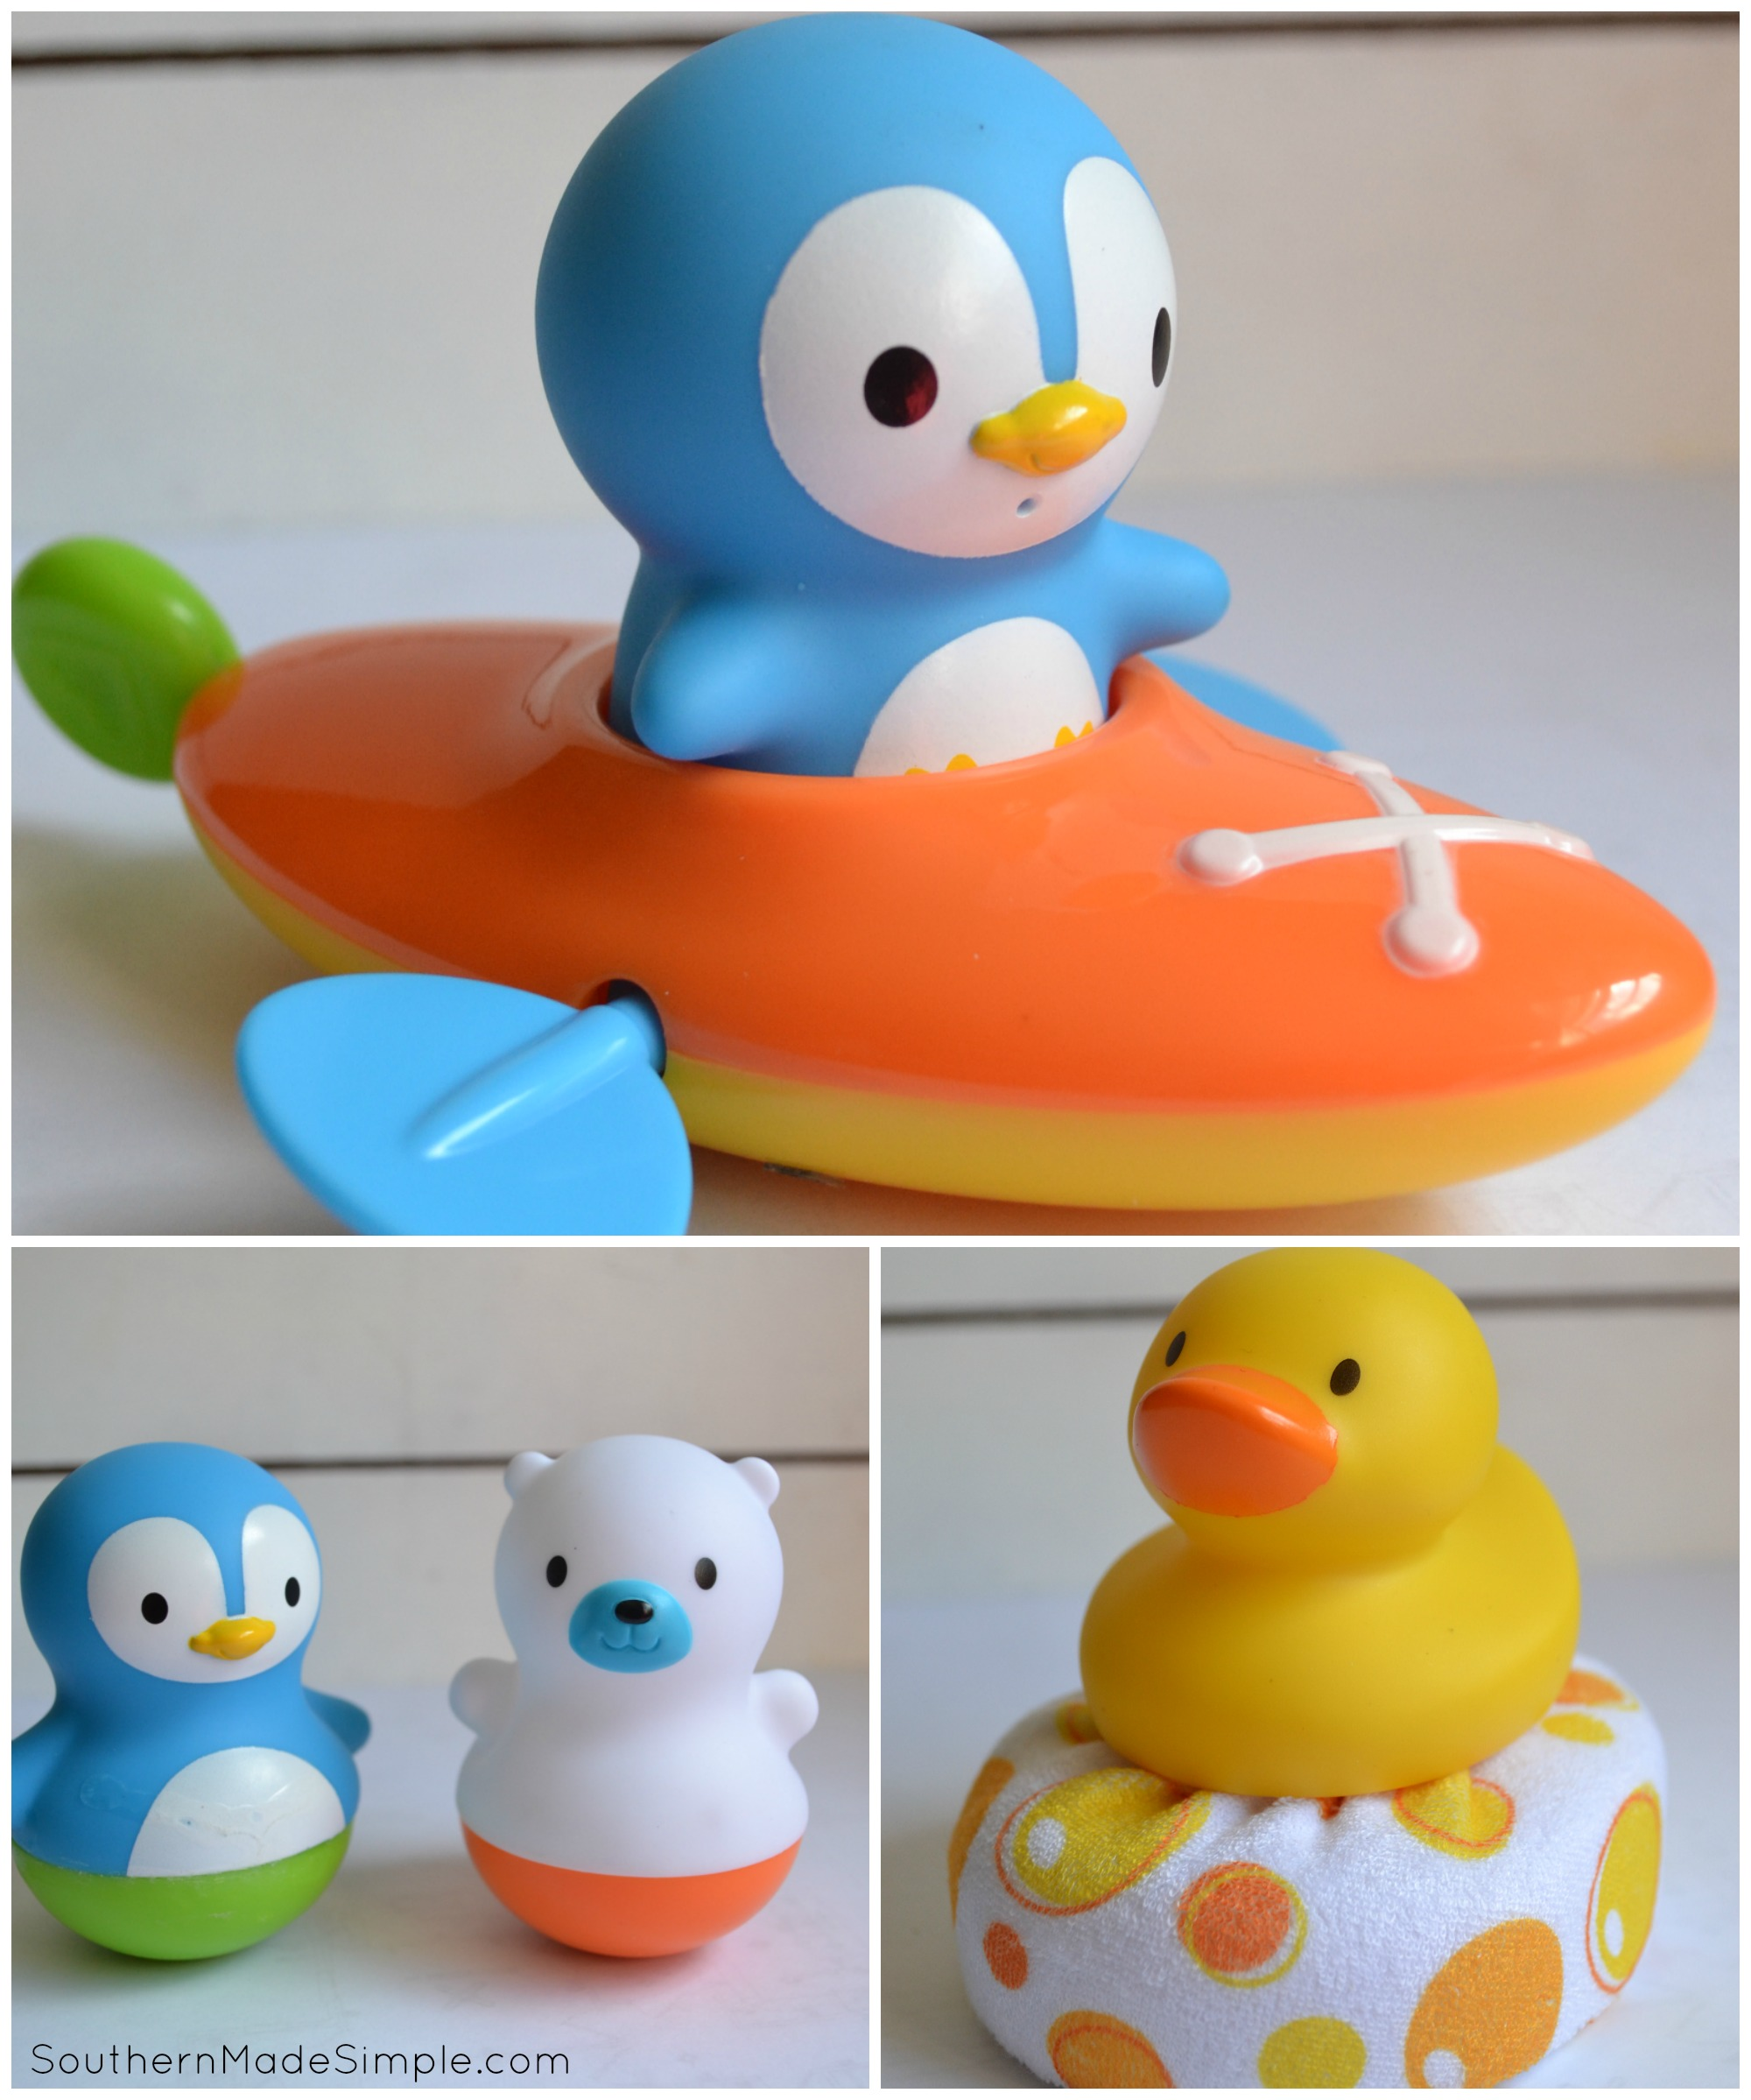 Munchkin Bath Toys Review